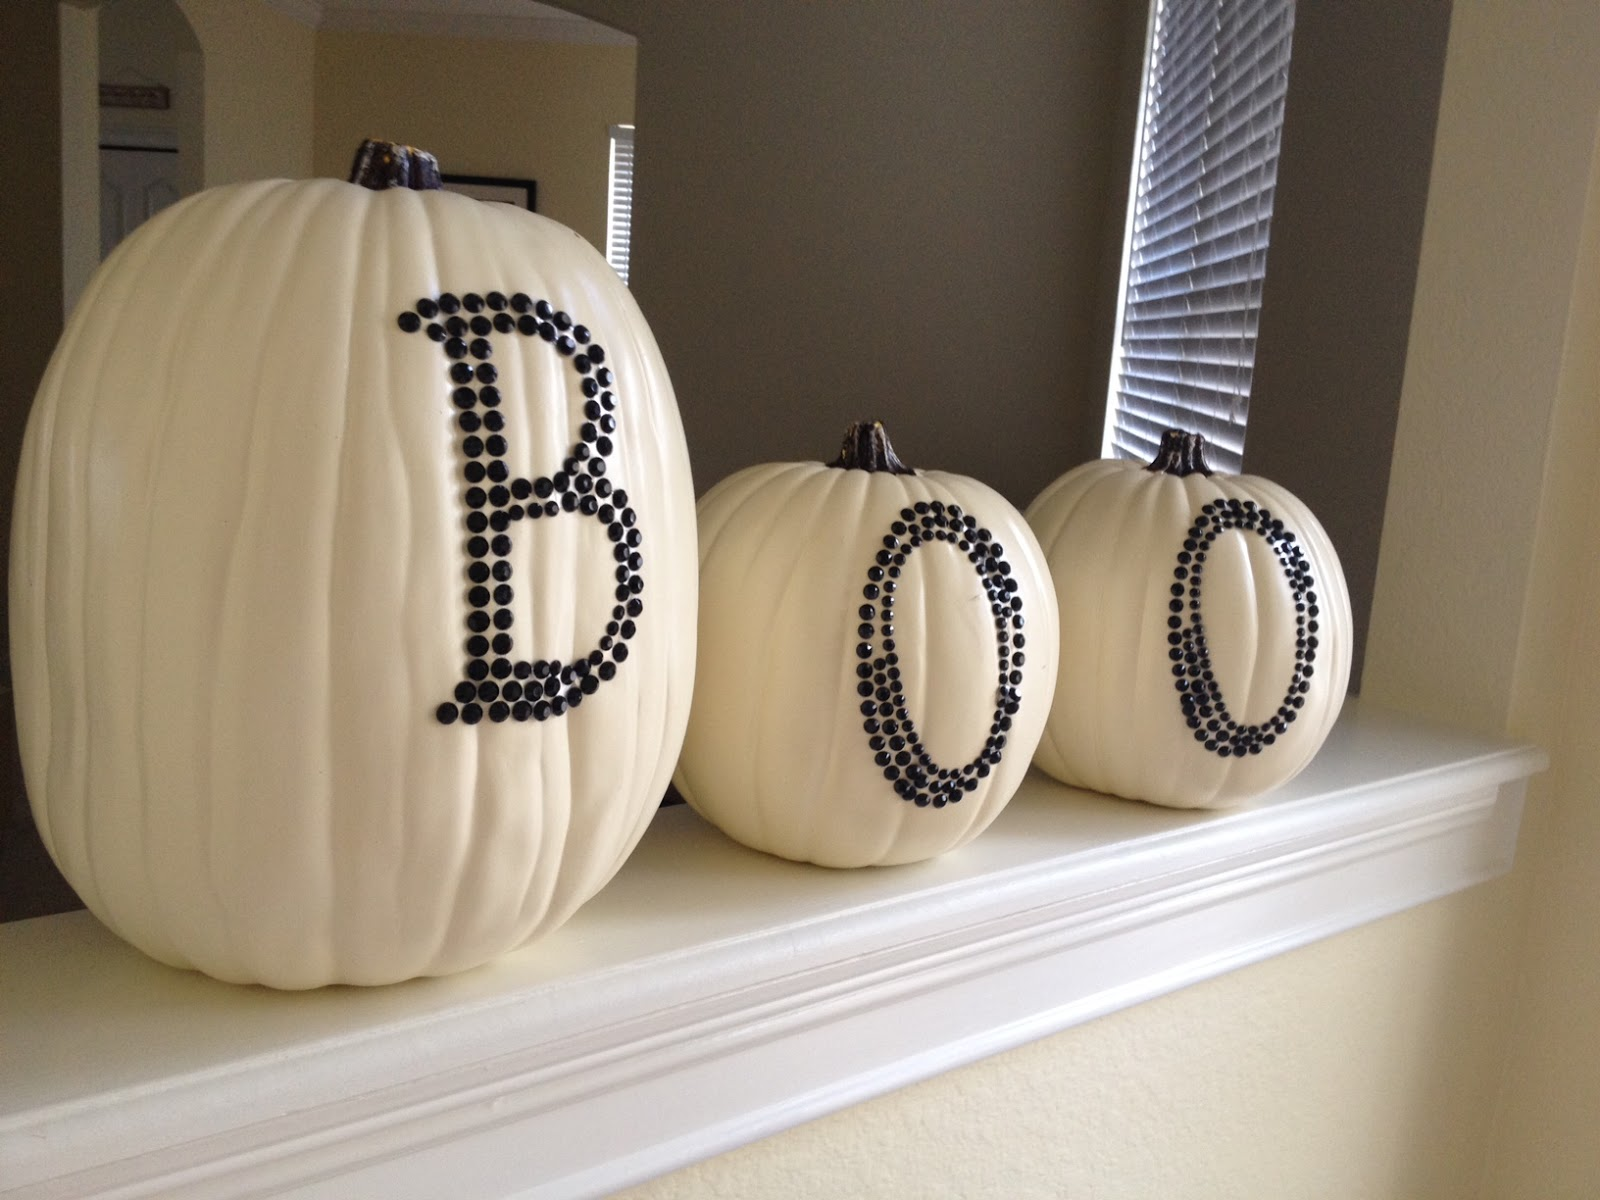 When Tara Met Blog Fall Decorating DIY Project Polka Dot and Boo Pumpkins